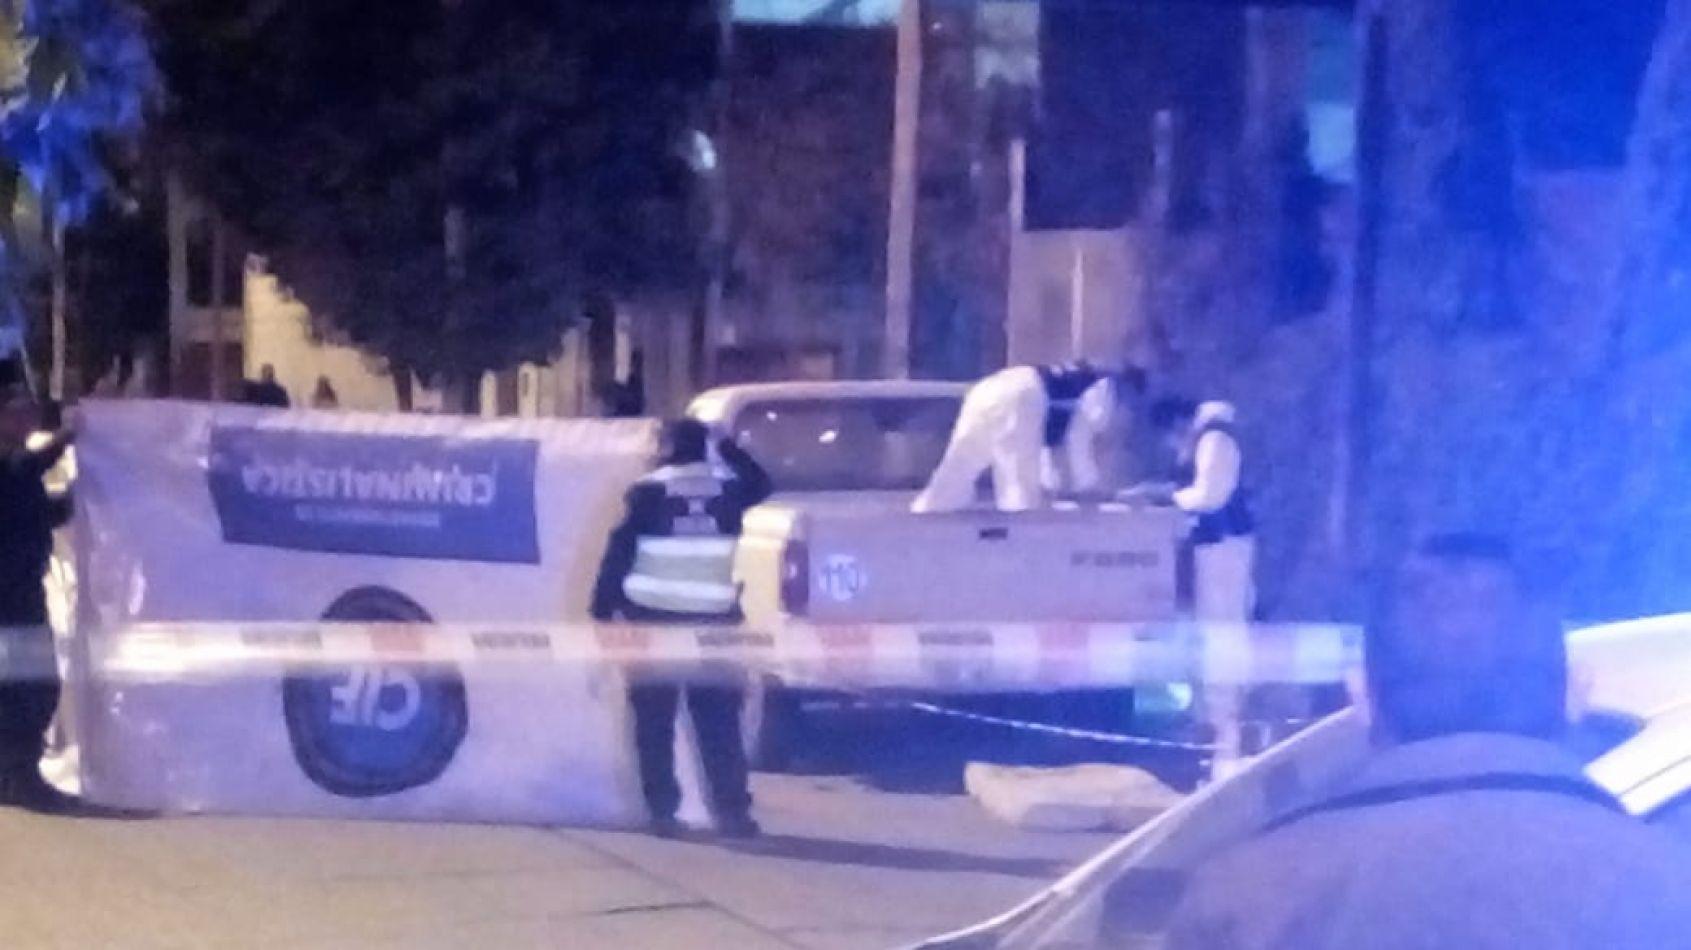 Piden llevar a juicio al homicida que abandonó el cadáver en una camioneta